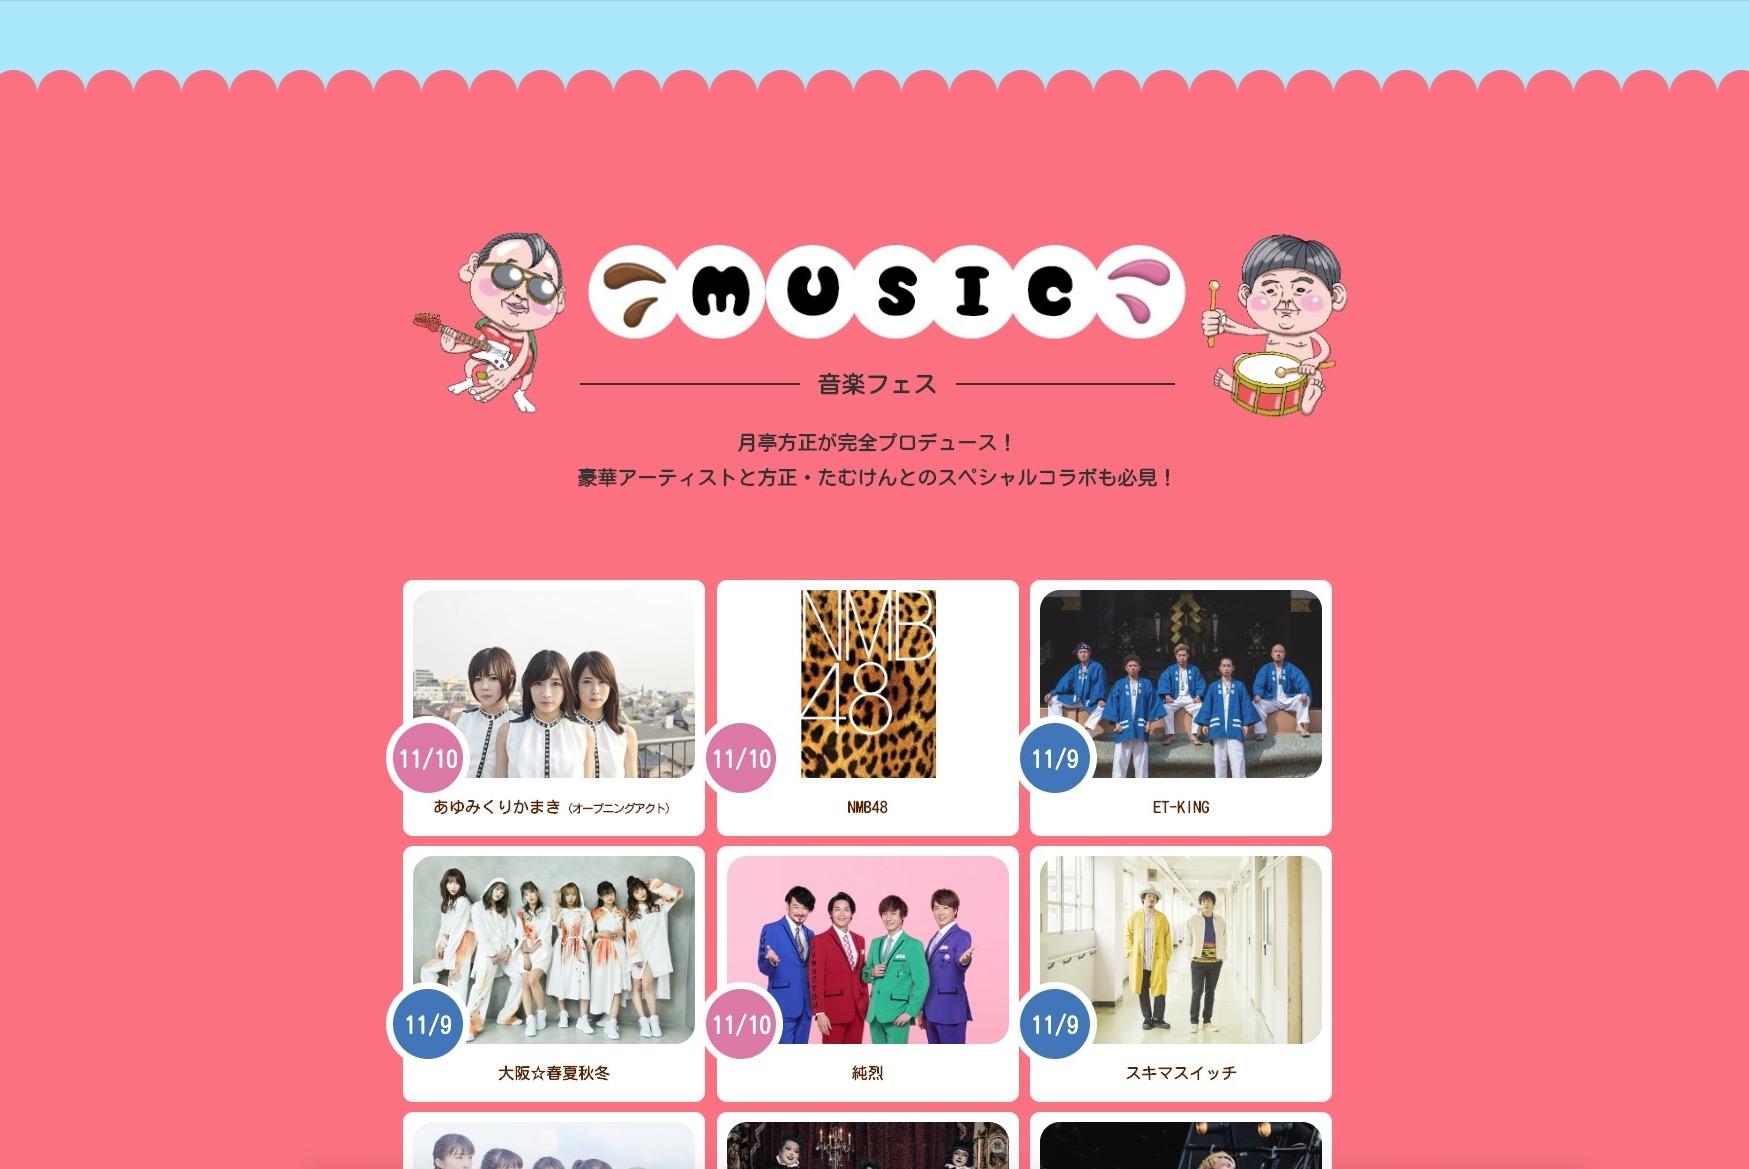 【NMB48】月亭方正さん・たむらけんじさんがプロデュースするイベント『大阪パフェ』にNMB48が出演